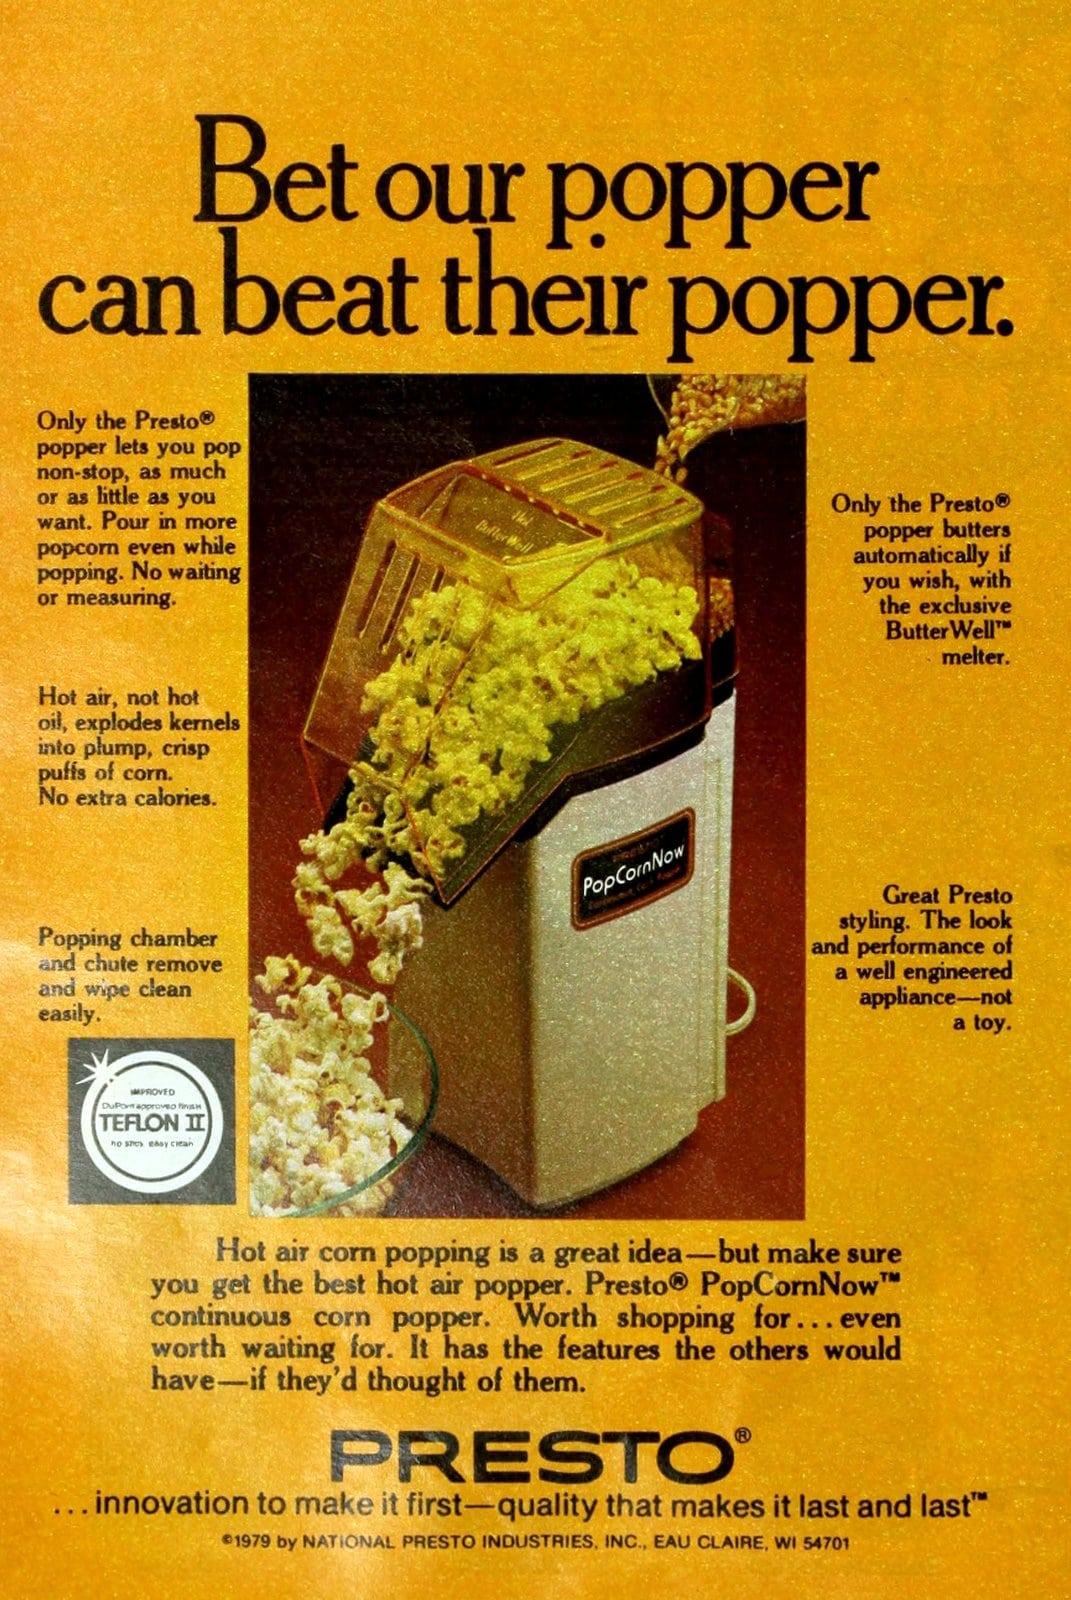 Presto -- PopCornNow corn popper (1979)